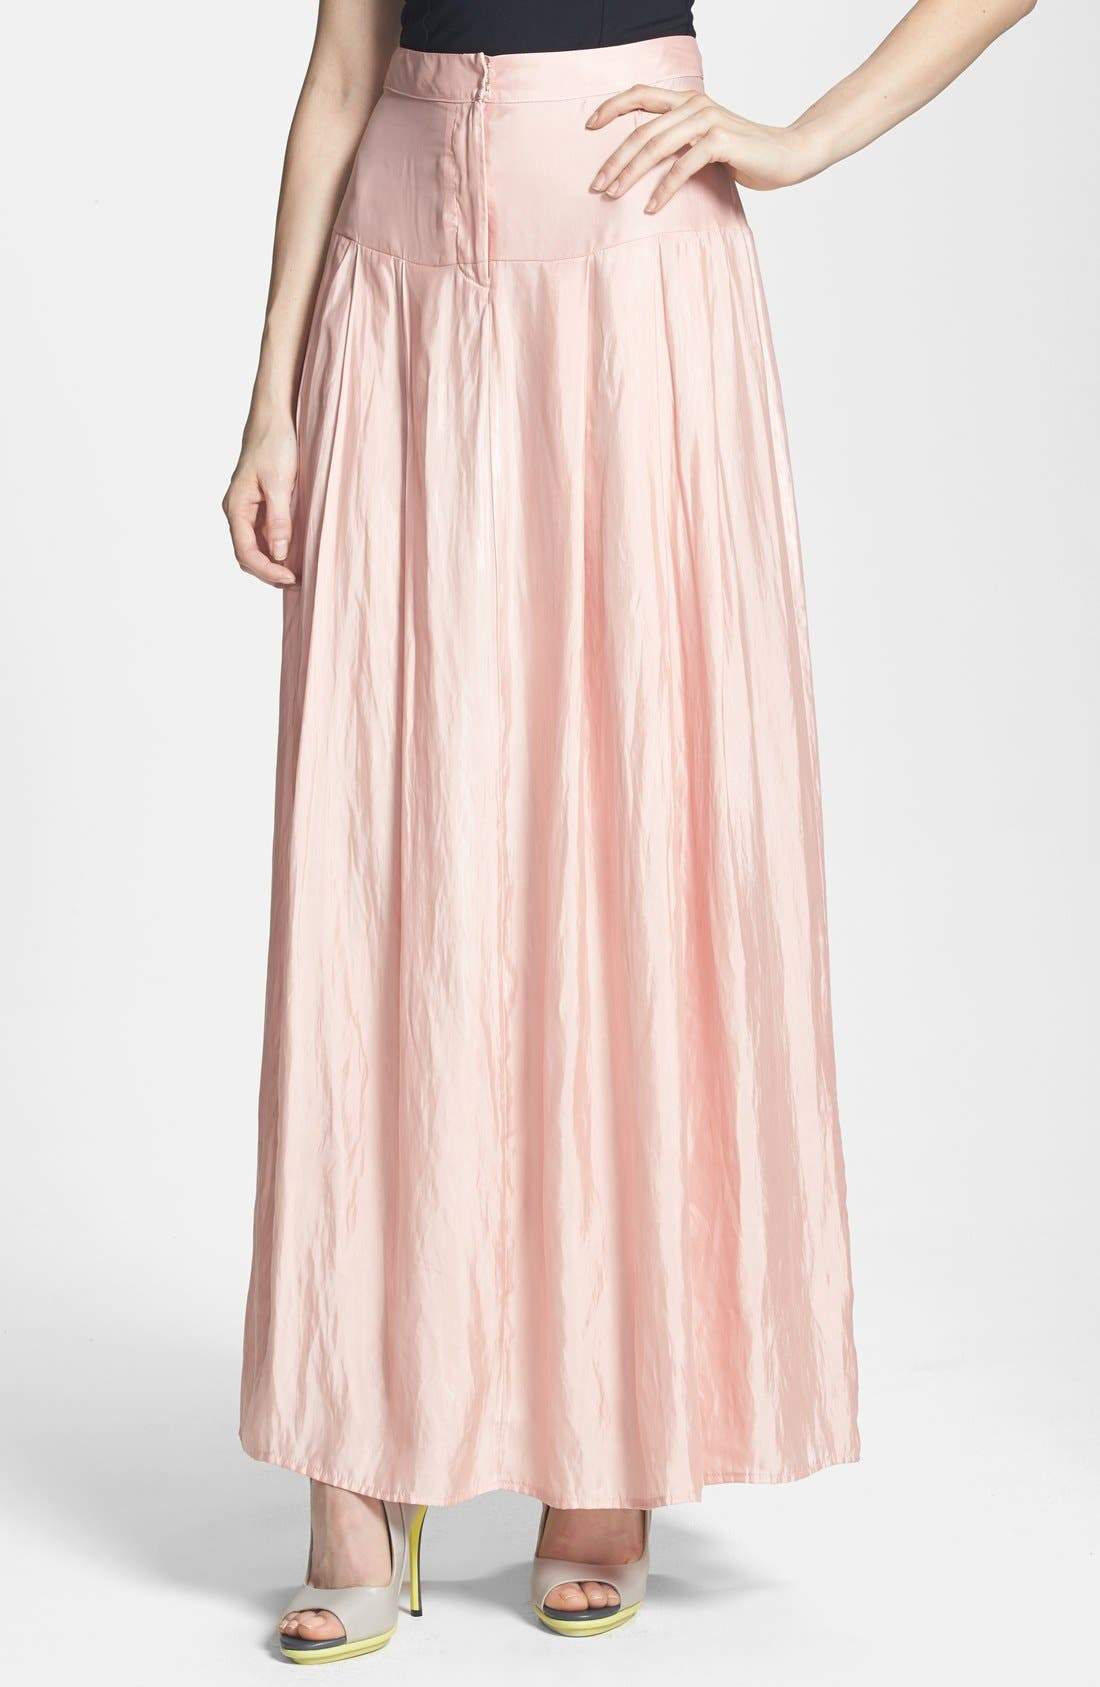 Alternate Image 1 Selected - June & Hudson Woven Maxi Skirt